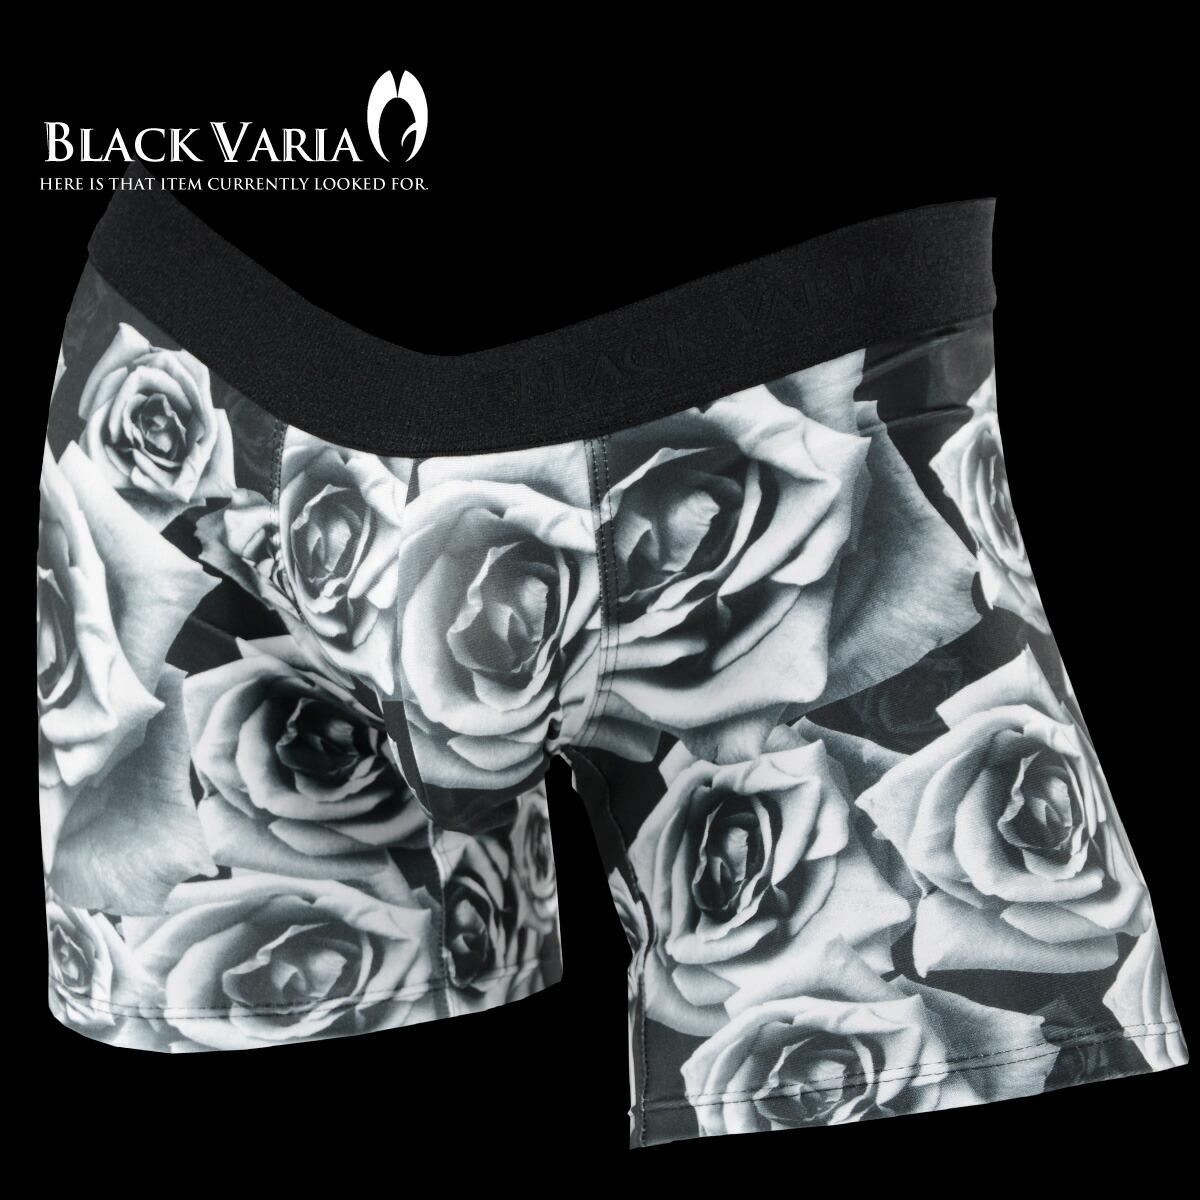 ボクサーパンツ 薔薇 バラ 花柄 メンズ 下着 ボクサー(ホワイト白ブラック黒)